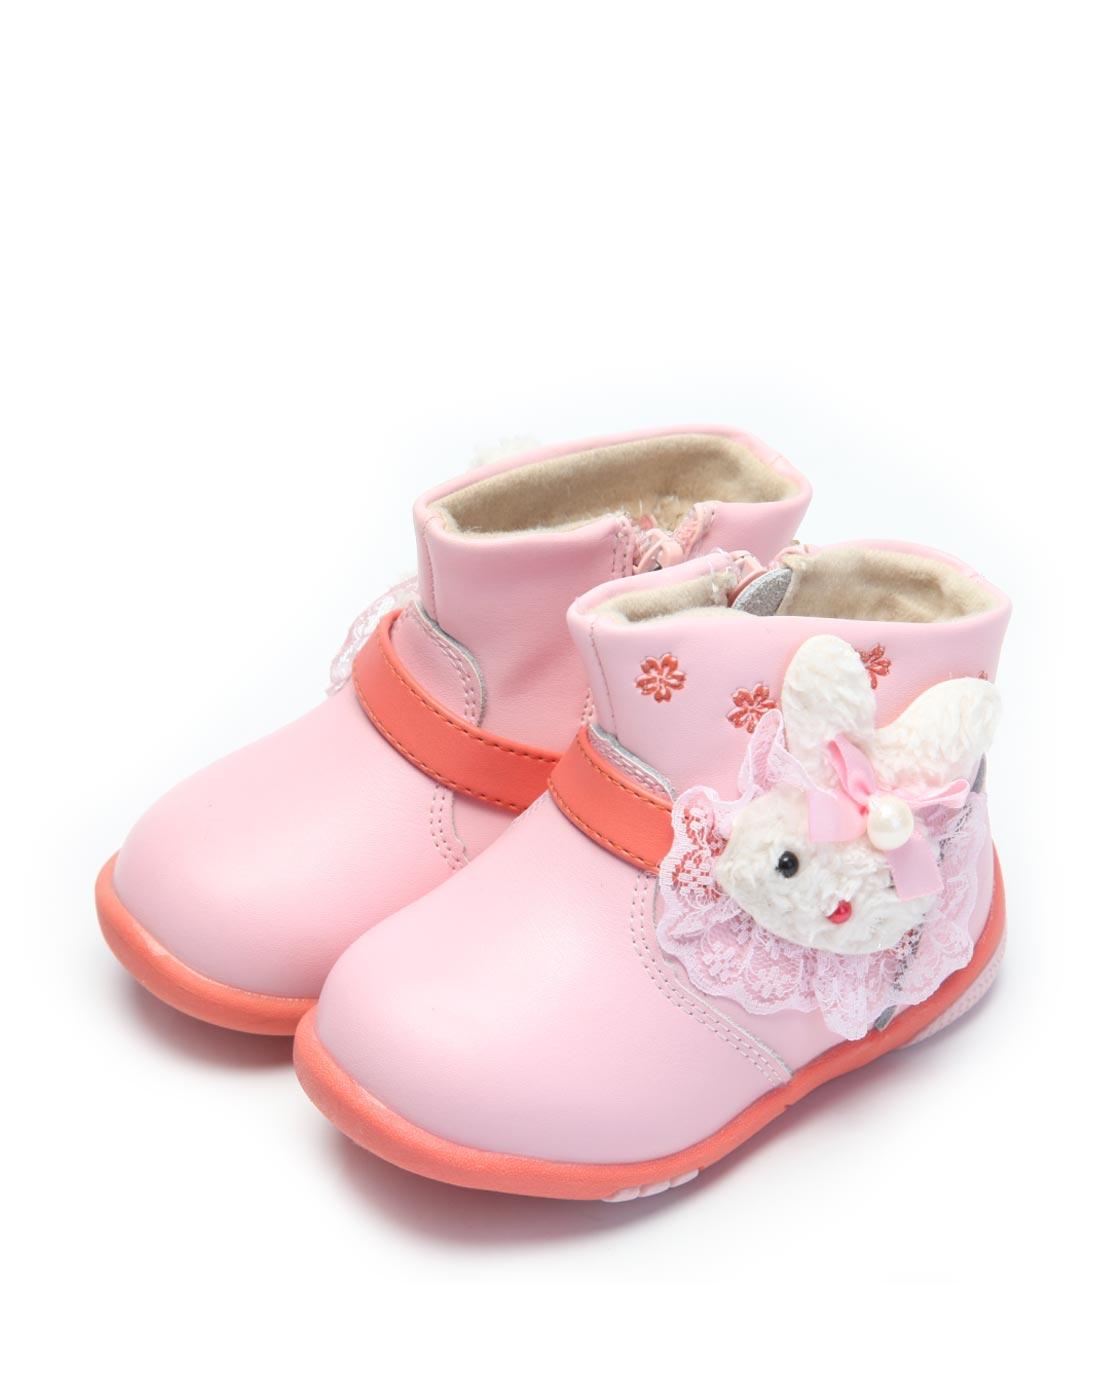 女宝宝粉红可爱卡通棉鞋